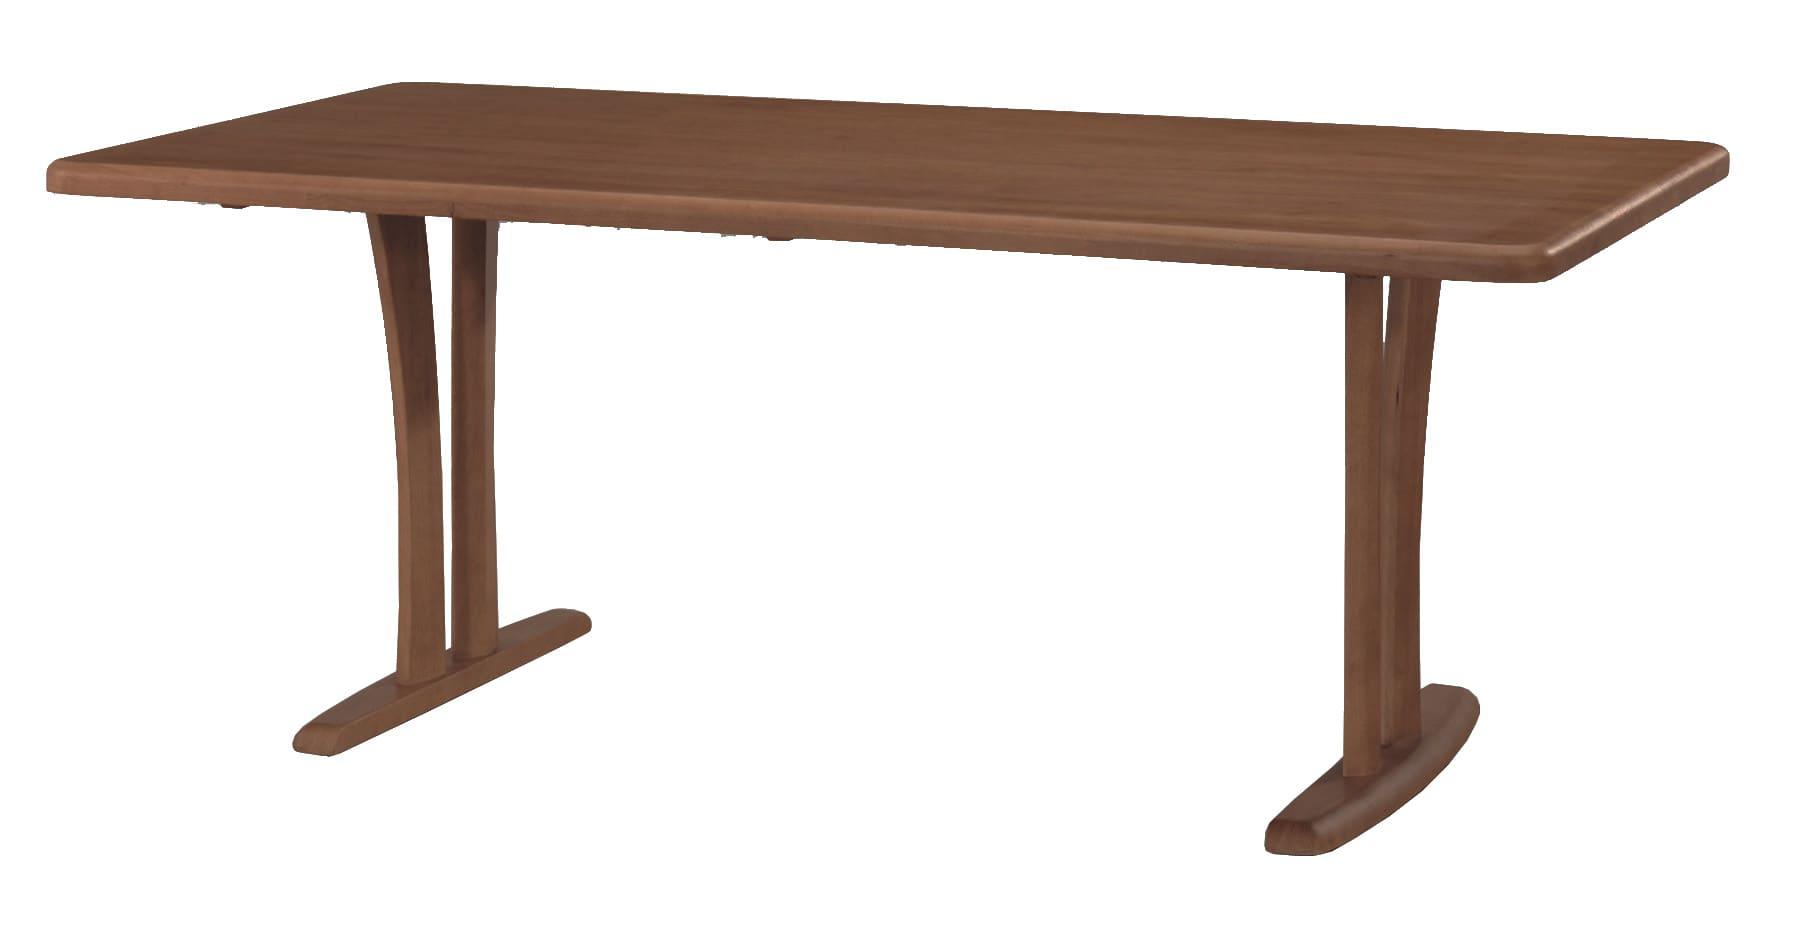 ダイニングテーブル CCM3 180−90Z 2本脚 DBN:愛され続ける王道ベーシックスタイル